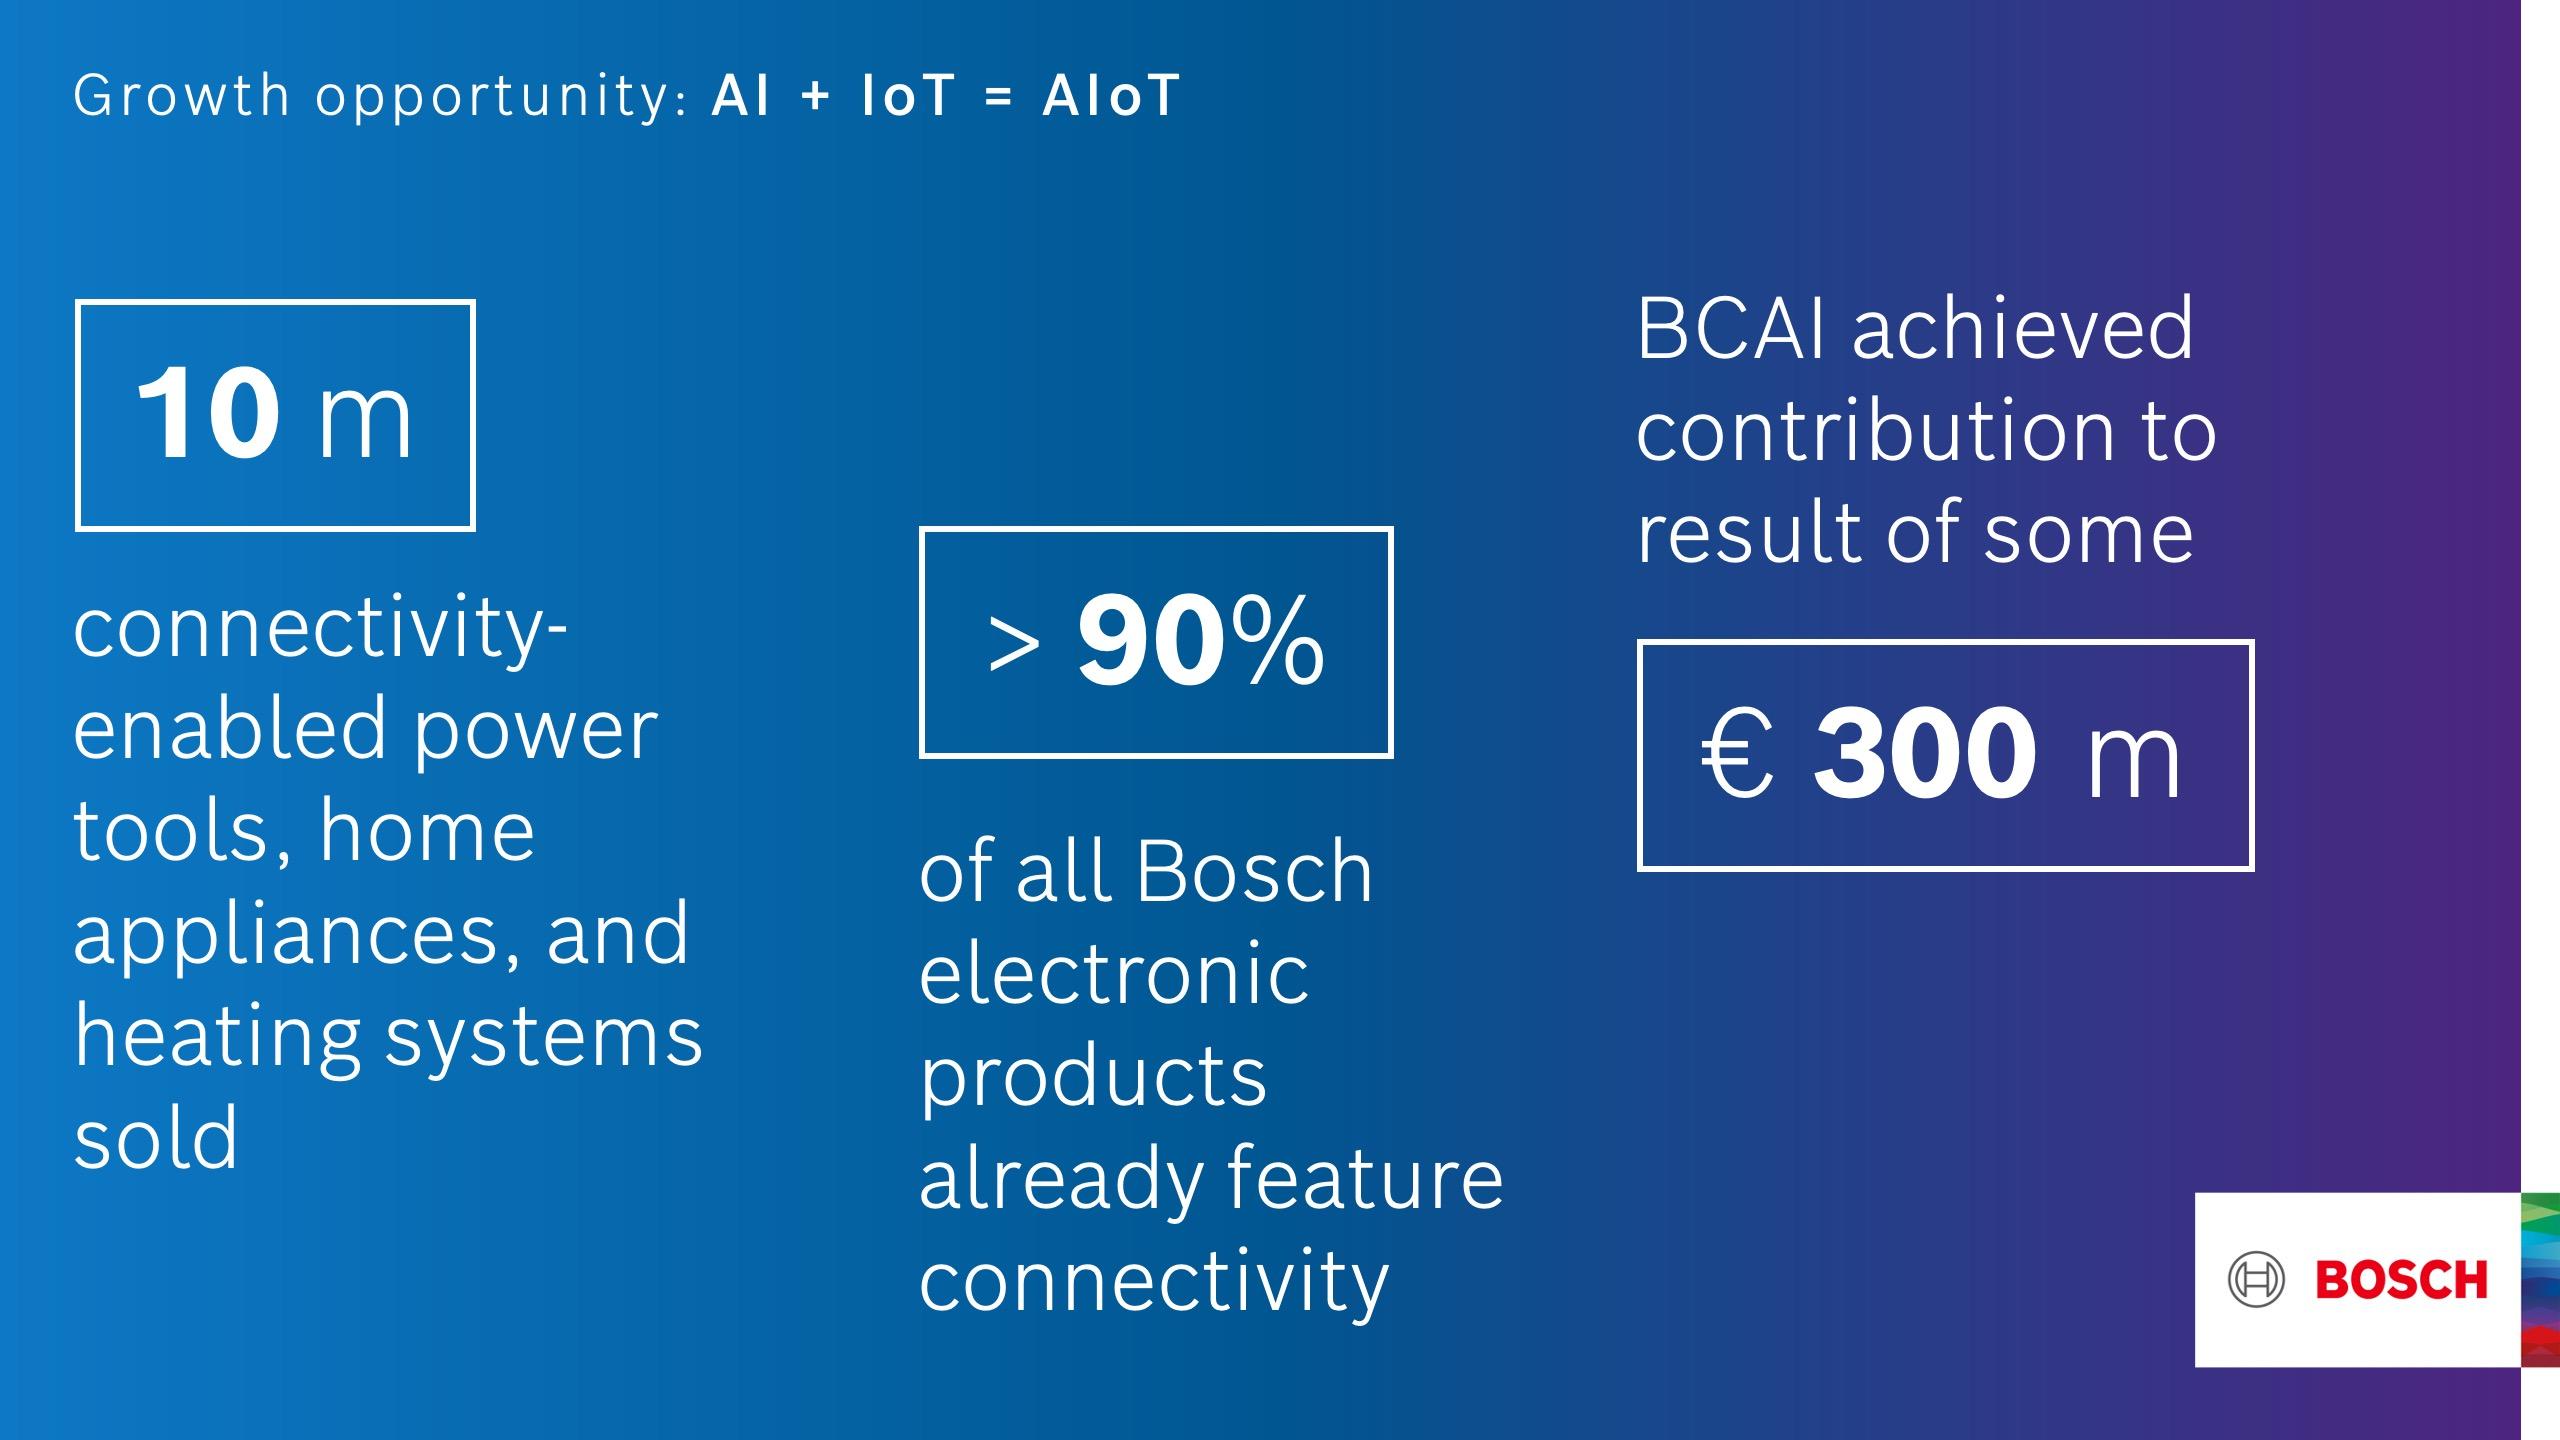 Bosch: příležitosti k růstu v oblasti umělé inteligence a Internetu věcí